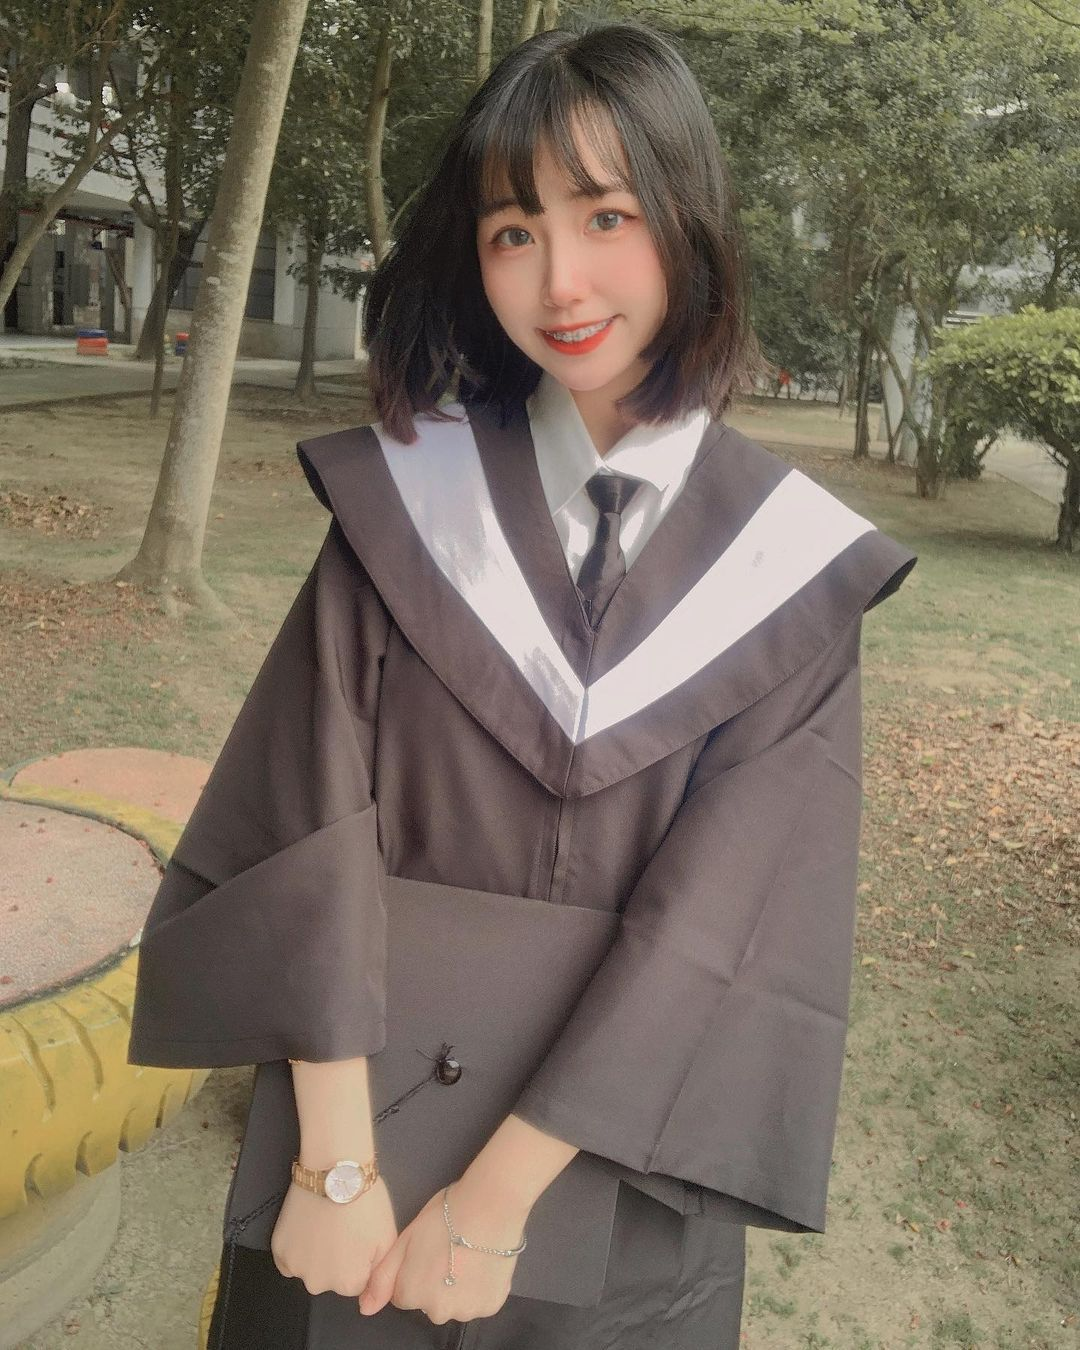 最美毕业生!医护专科正妹「鹿媗」学士照好甜美,穿上白袍气质满分!